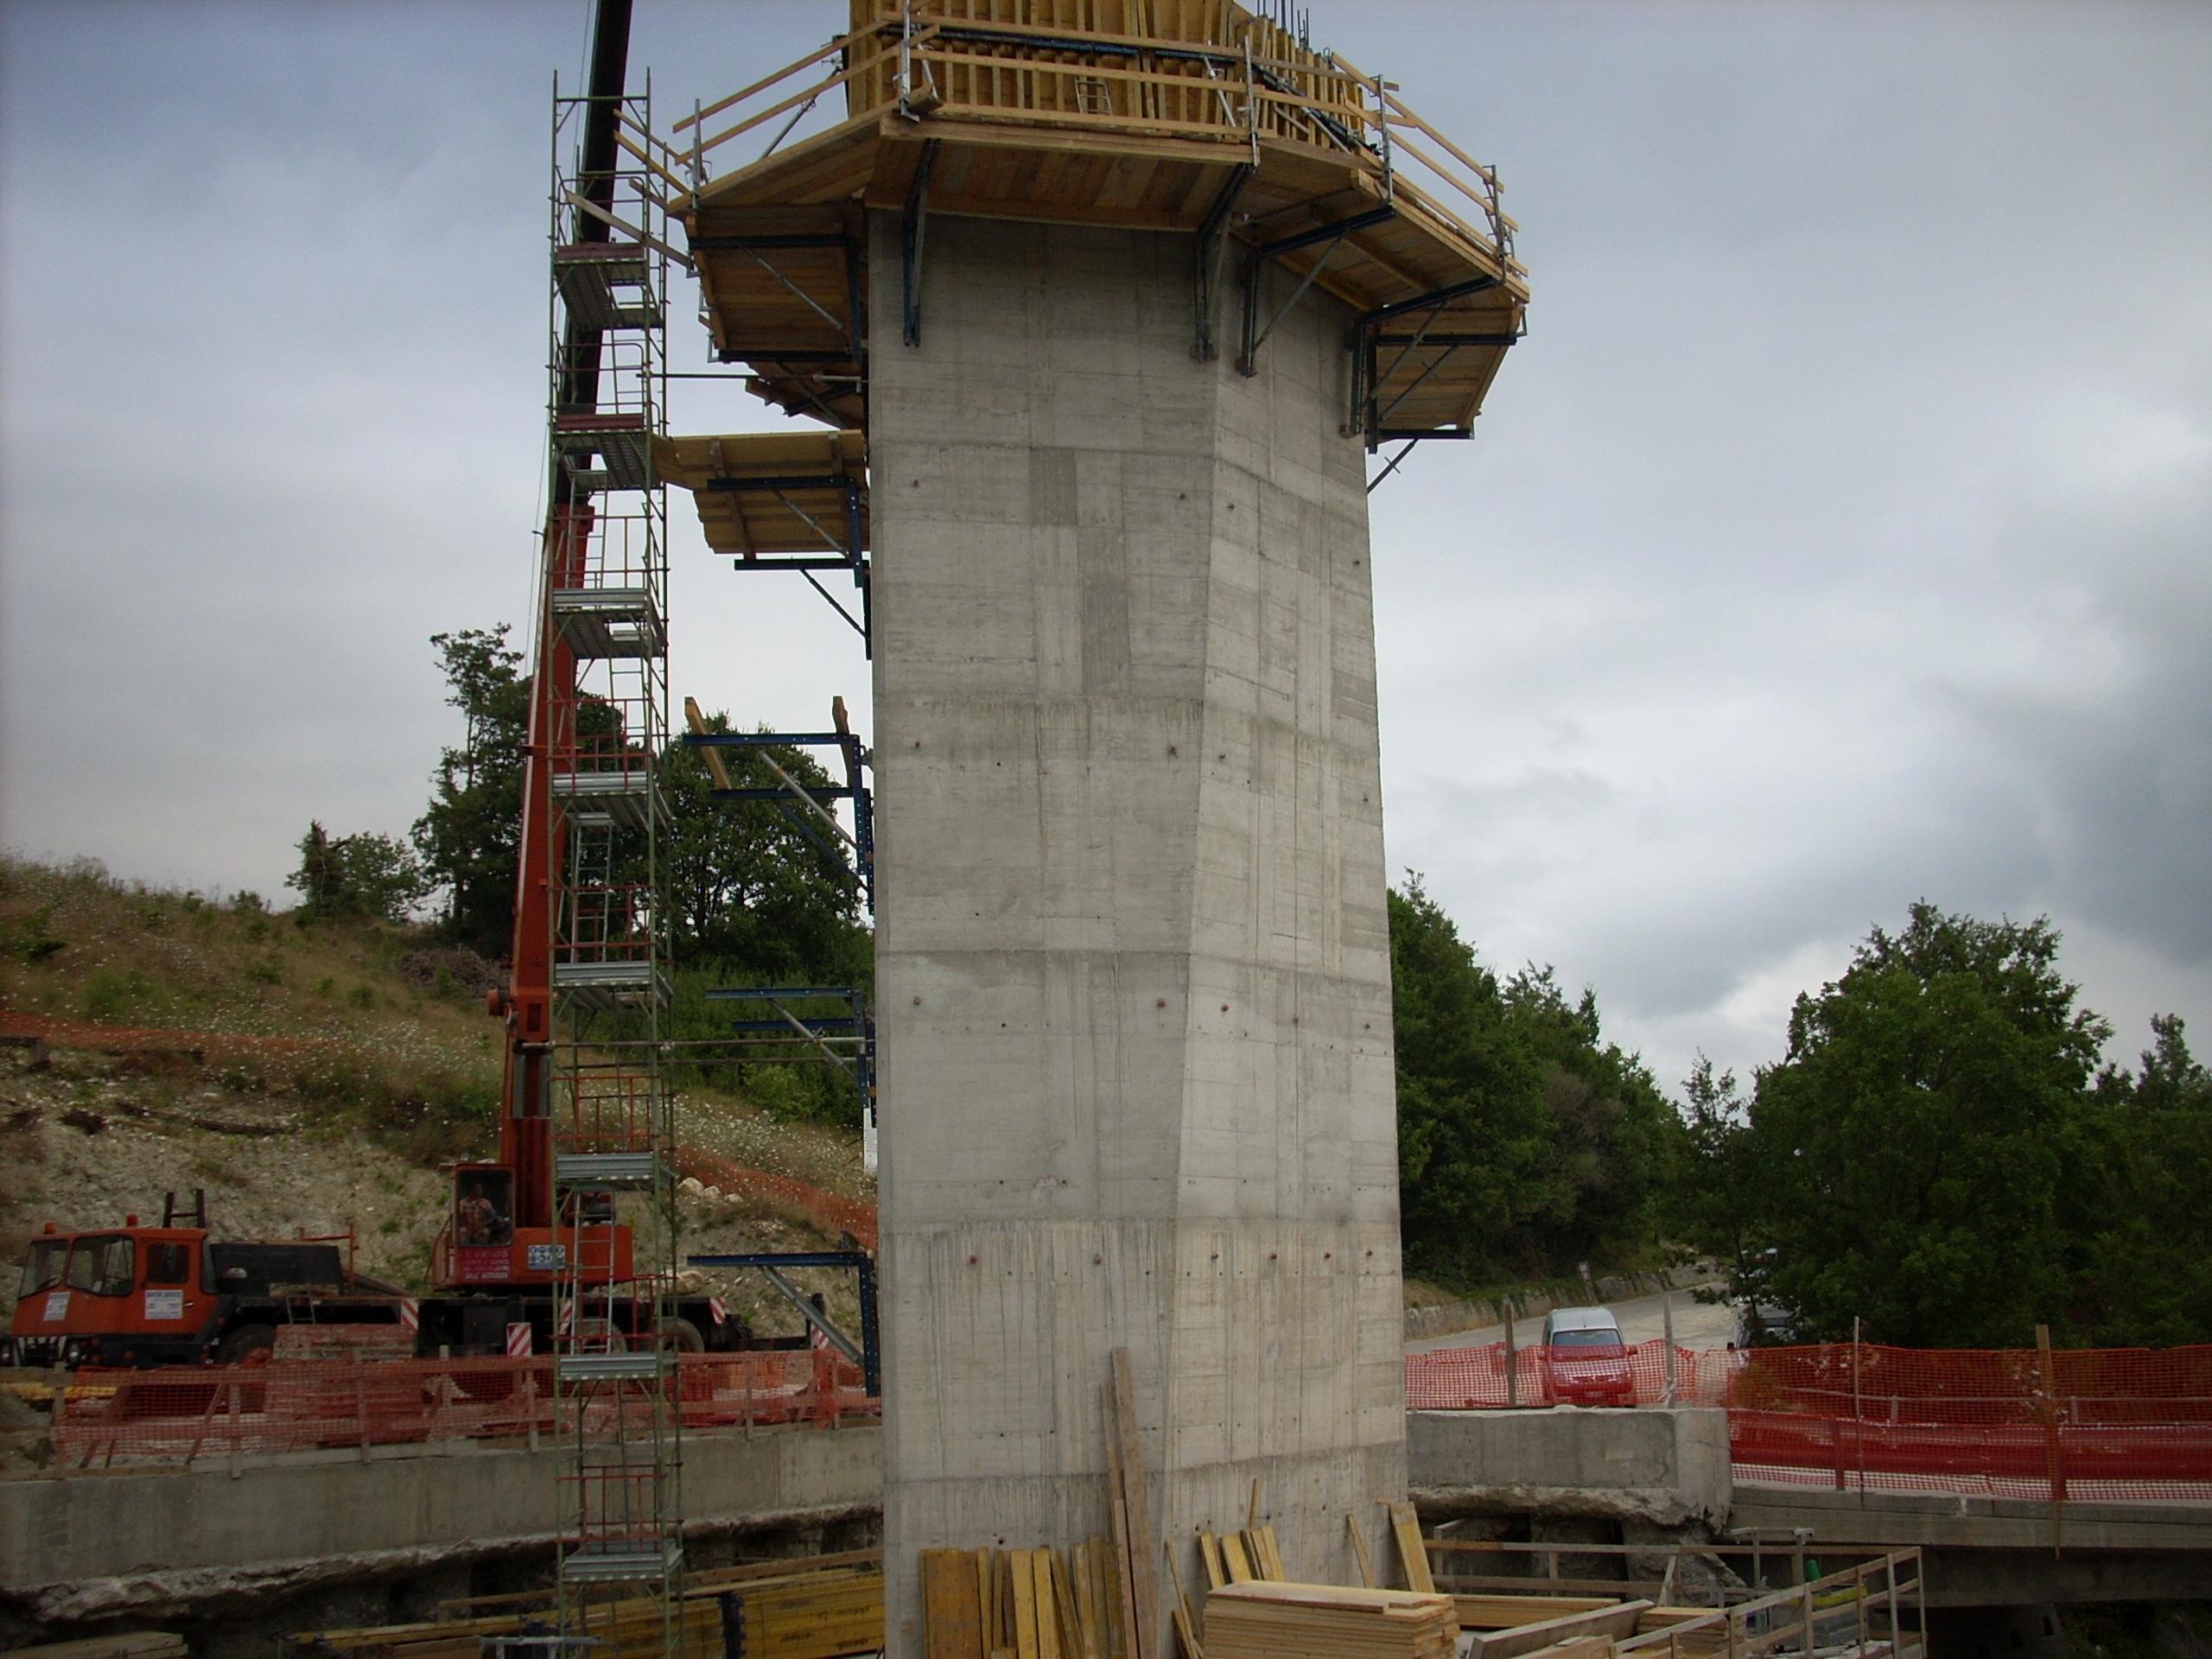 Realizzazione-viadotto-con-impalcato-in-ferro-SS-17-Isernia